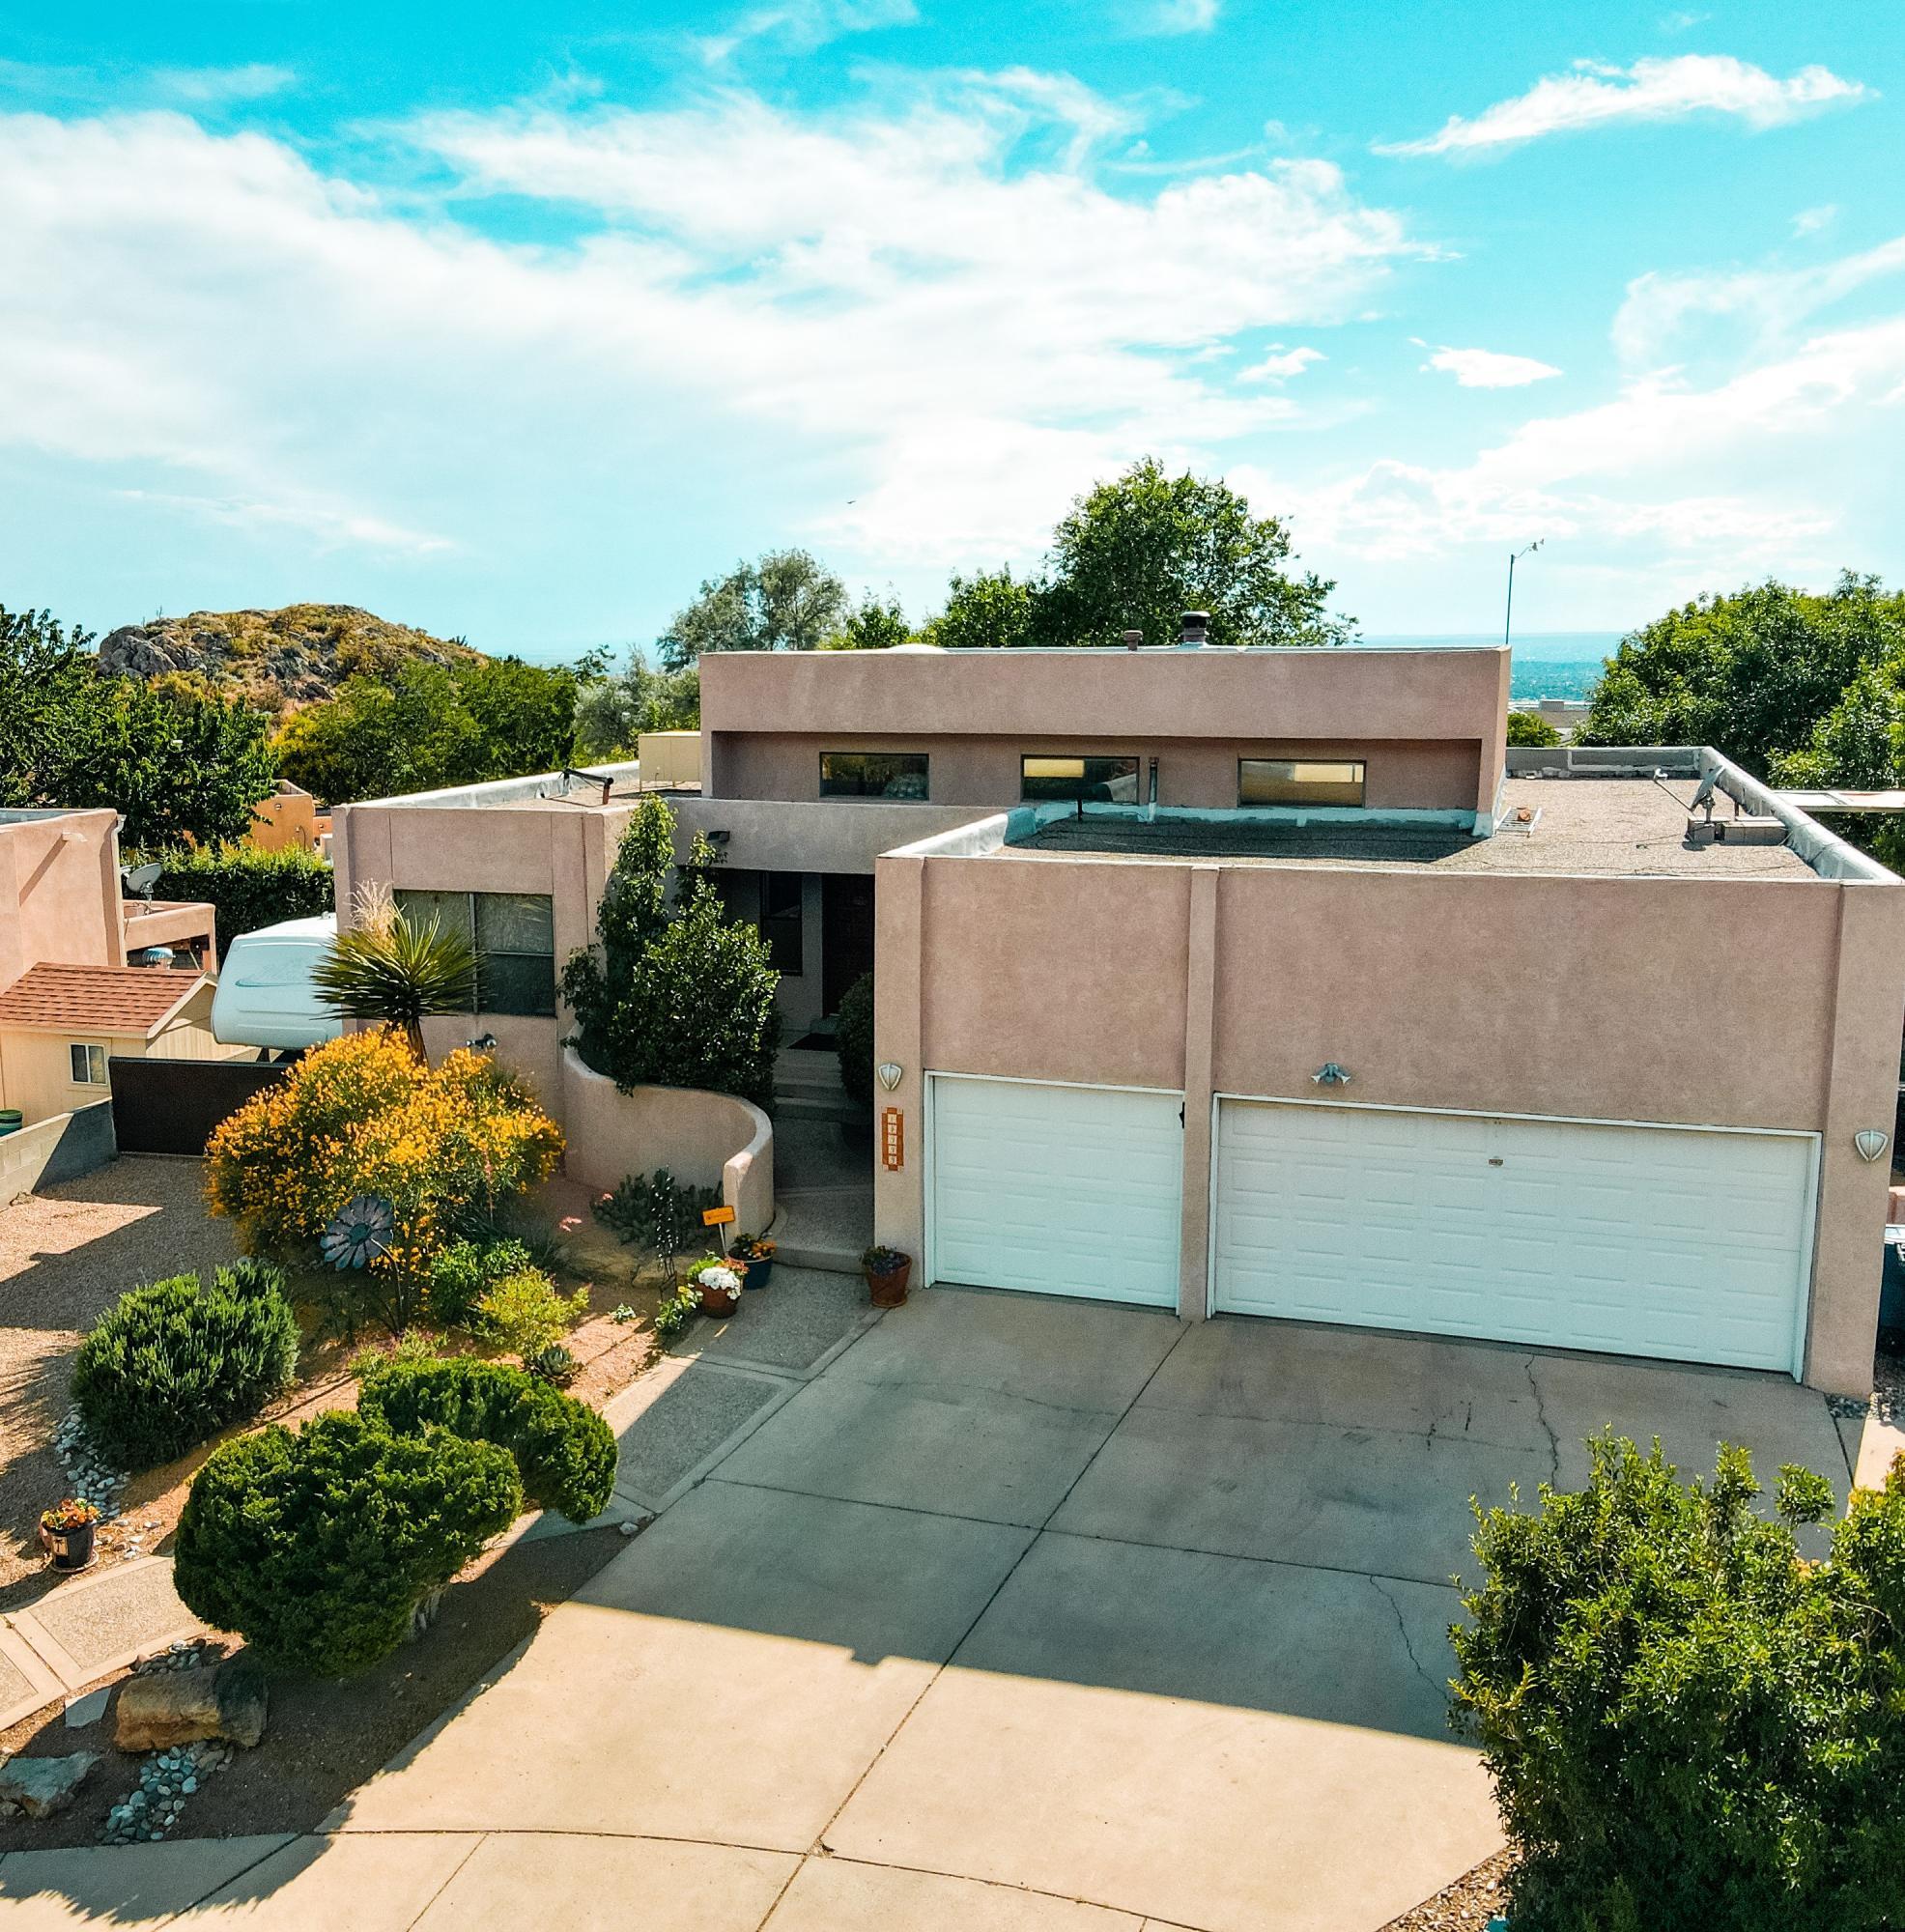 14333 MARQUETTE Drive NE Property Photo - Albuquerque, NM real estate listing